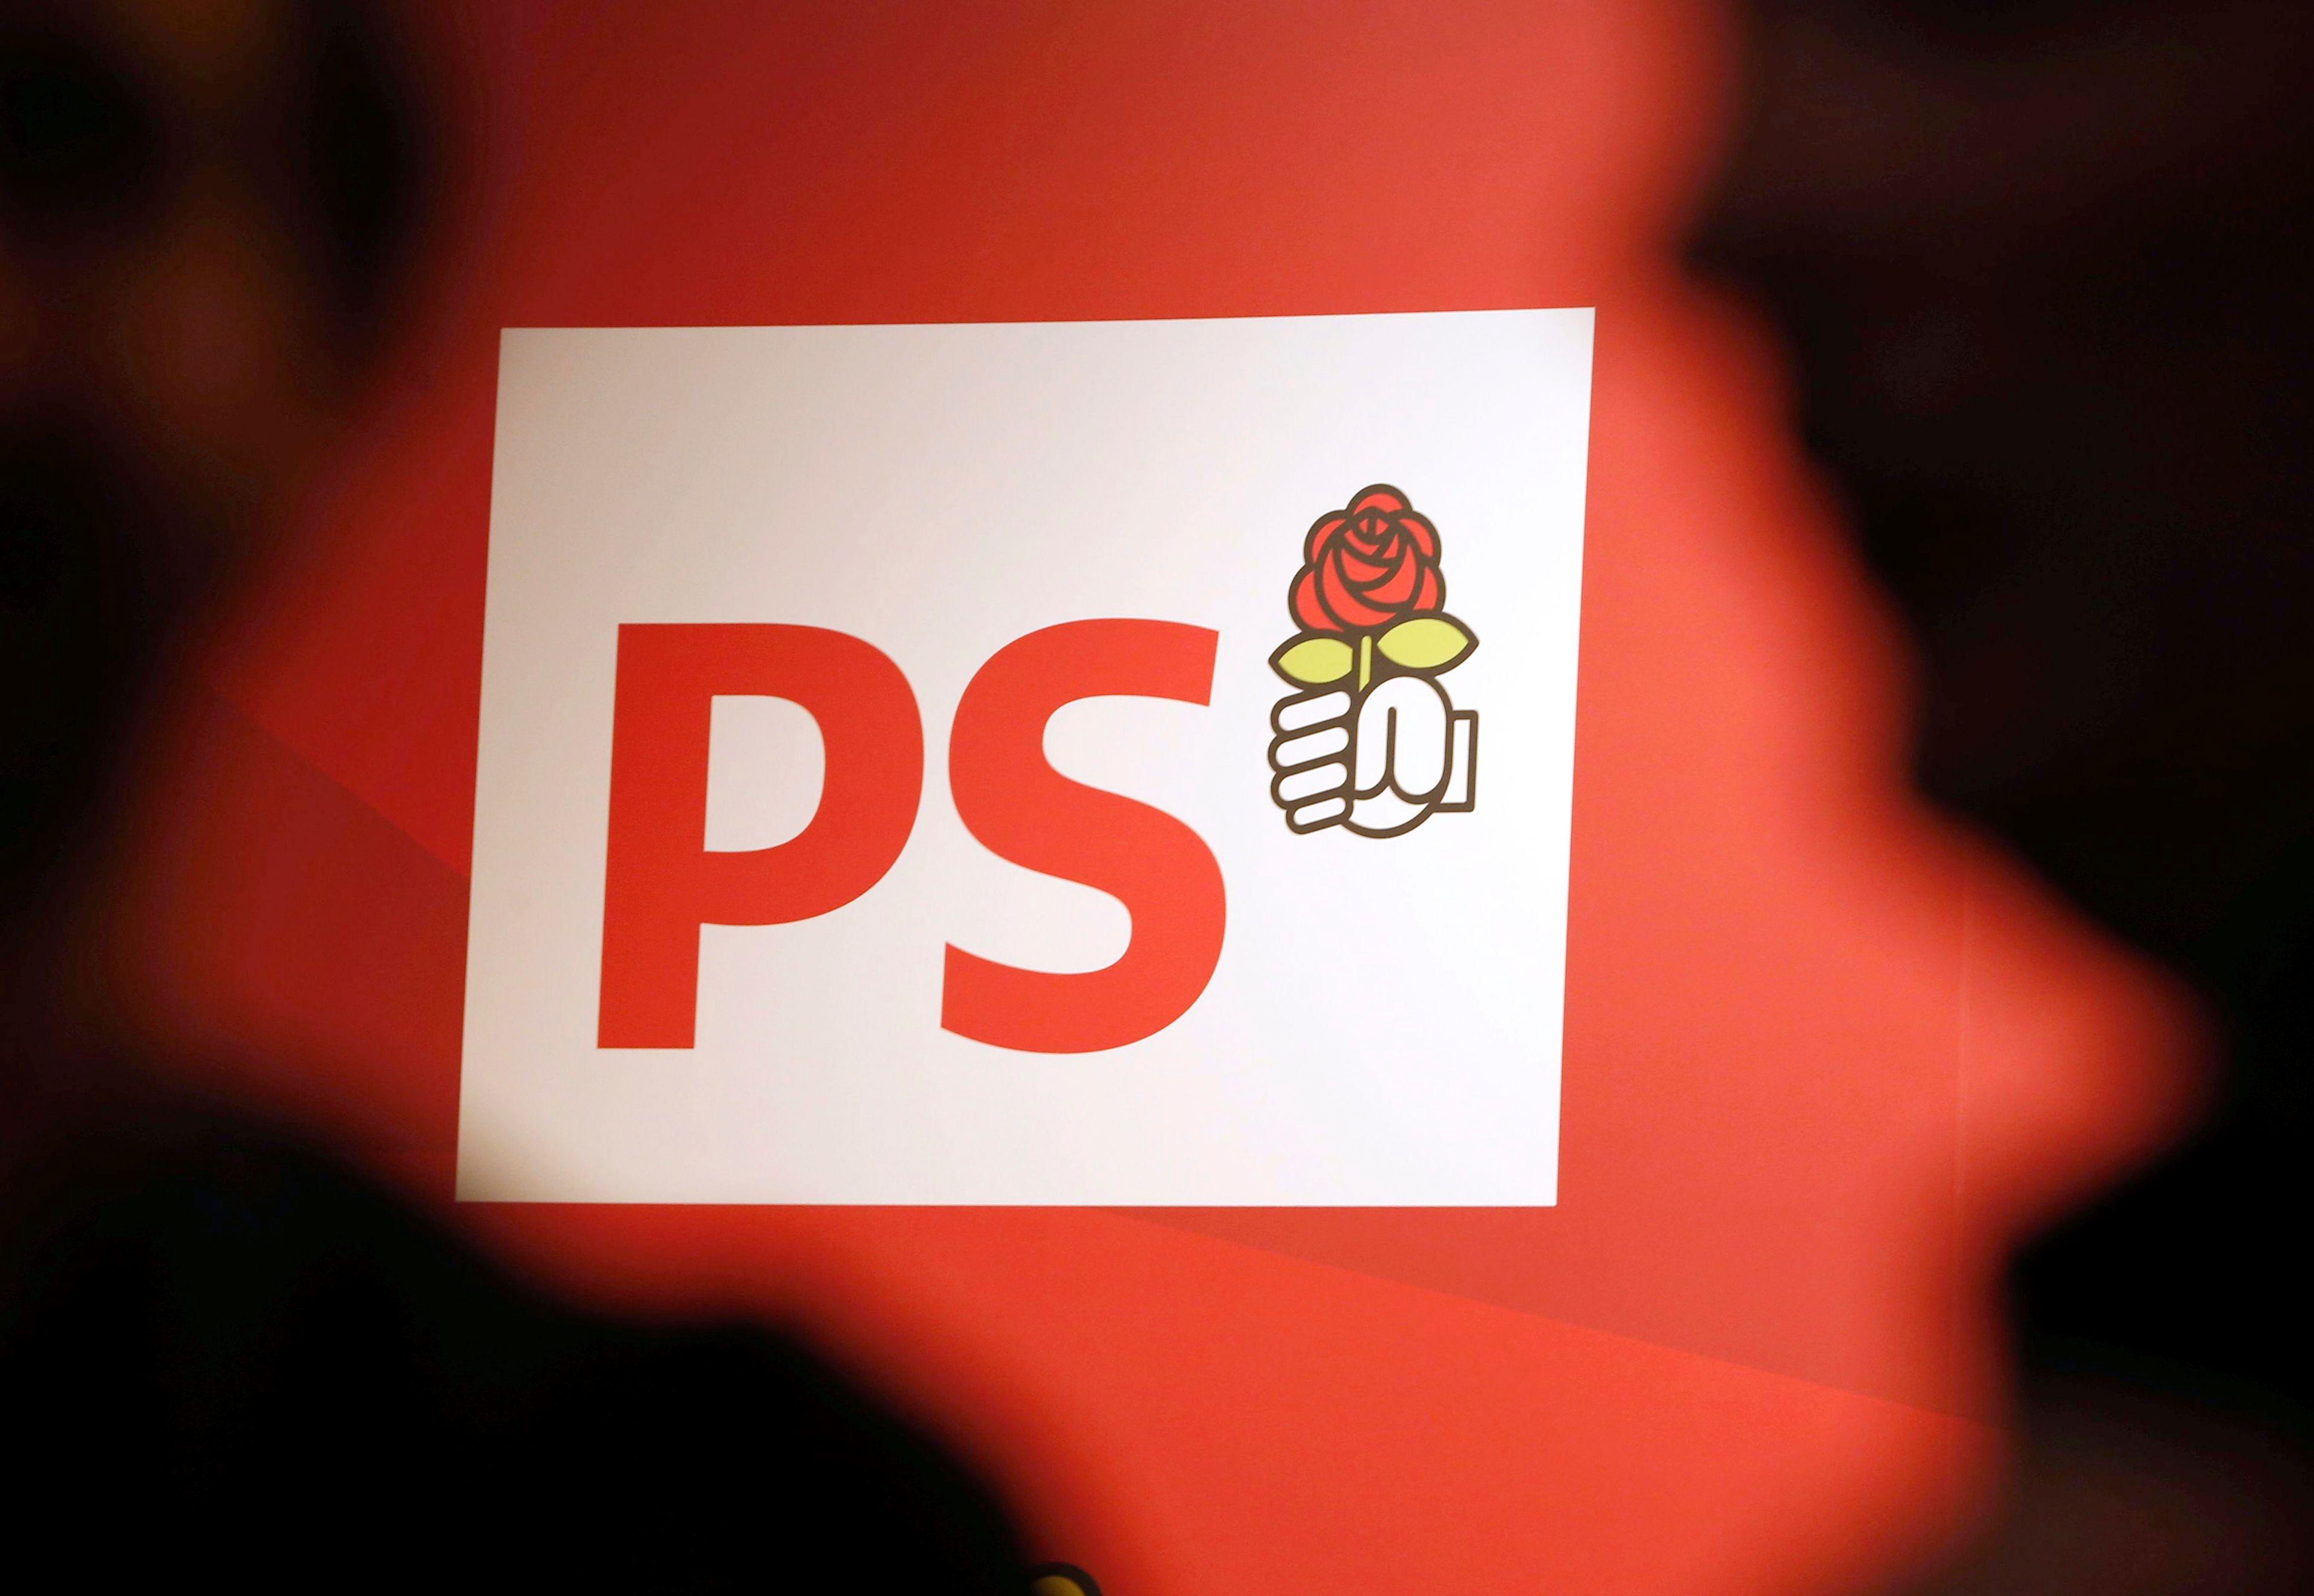 Le PS fustige l'organisation d'un débat entre Edouard Philippe et Jean-Luc Mélenchon sur France 2